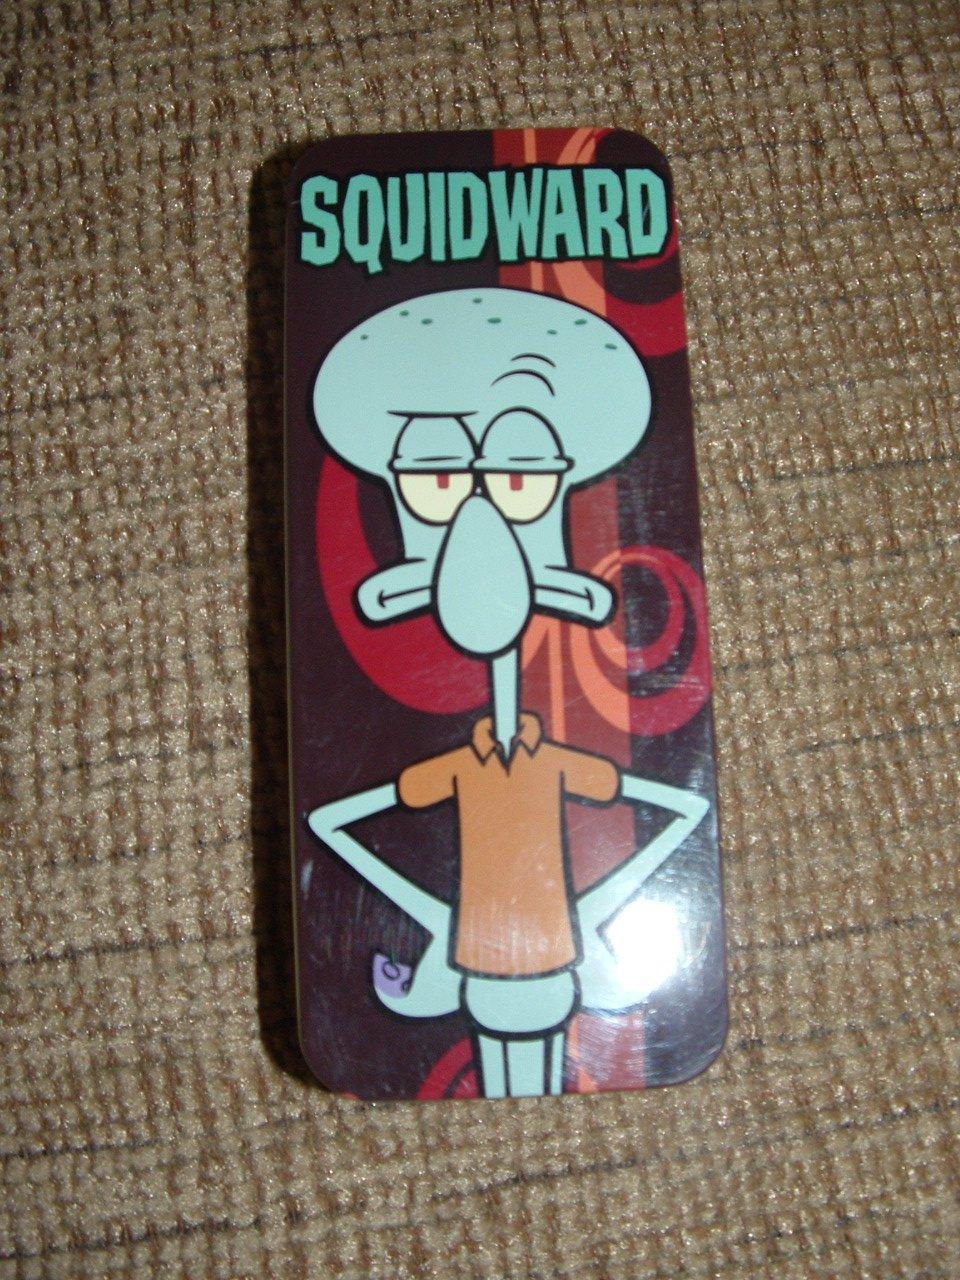 """SQUIDWARD Tentacles Collectible Kids Watch - Spongebob Suarepants - 4-WAY """"FLIP IT YOUR WAY""""!"""